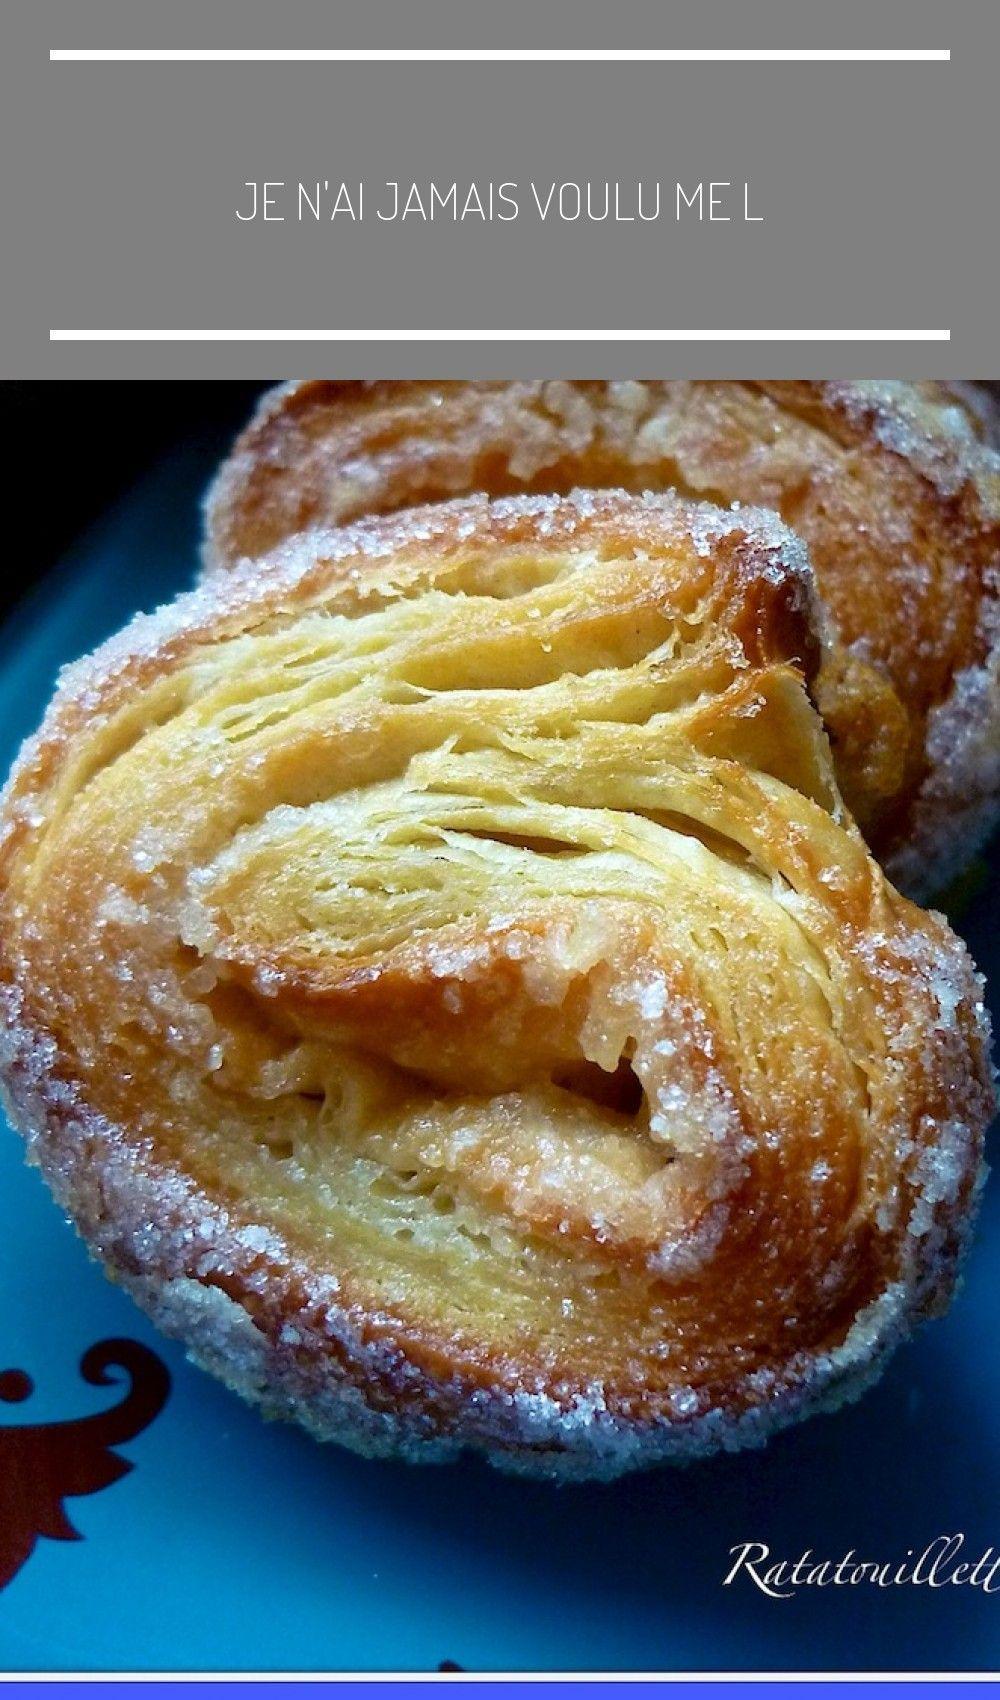 Je n'ai jamais voulu me lancer dans la confection de la pâte feuilletée traditionnelle : trop long, trop fastidieux... Je suis toujours en quête du bon et du rapide à faire et là, j'ai... #patefeuilleteerapide Je n'ai jamais voulu me lancer dans la confection de la pâte feuilletée traditionnelle : trop long, trop fastidieux... Je suis toujours en quête du bon et du rapide à faire et là, j'ai... #comida francesa dulce #patefeuilleteerapide Je n'ai jamais voulu me lancer dans la conf #patefeuilleteerapide